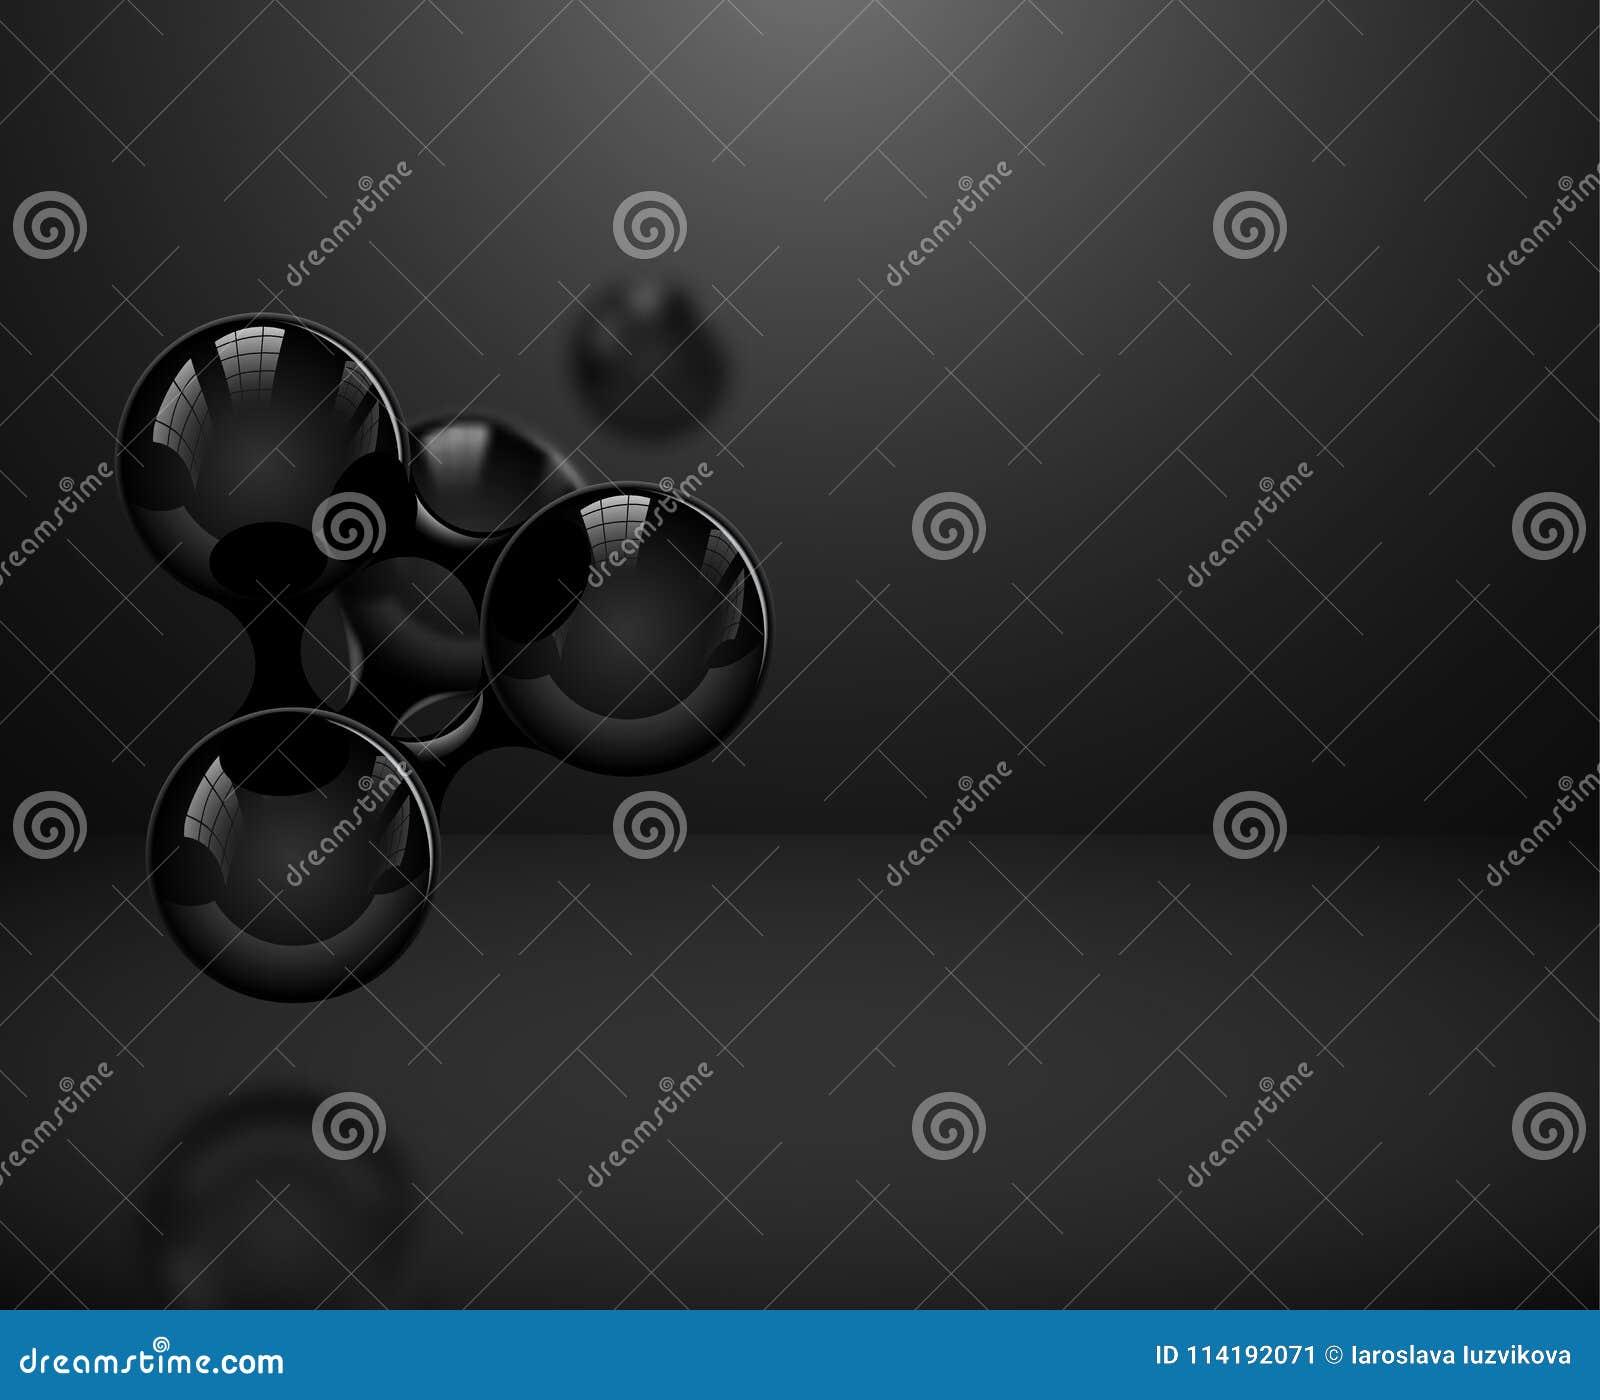 Αφηρημένα στιλπνά μαύρα μόρια ή άτομα στο σκοτεινό υπόβαθρο Διανυσματική απεικόνιση για το σύγχρονο σχέδιο ή το λογότυπο επιστήμη